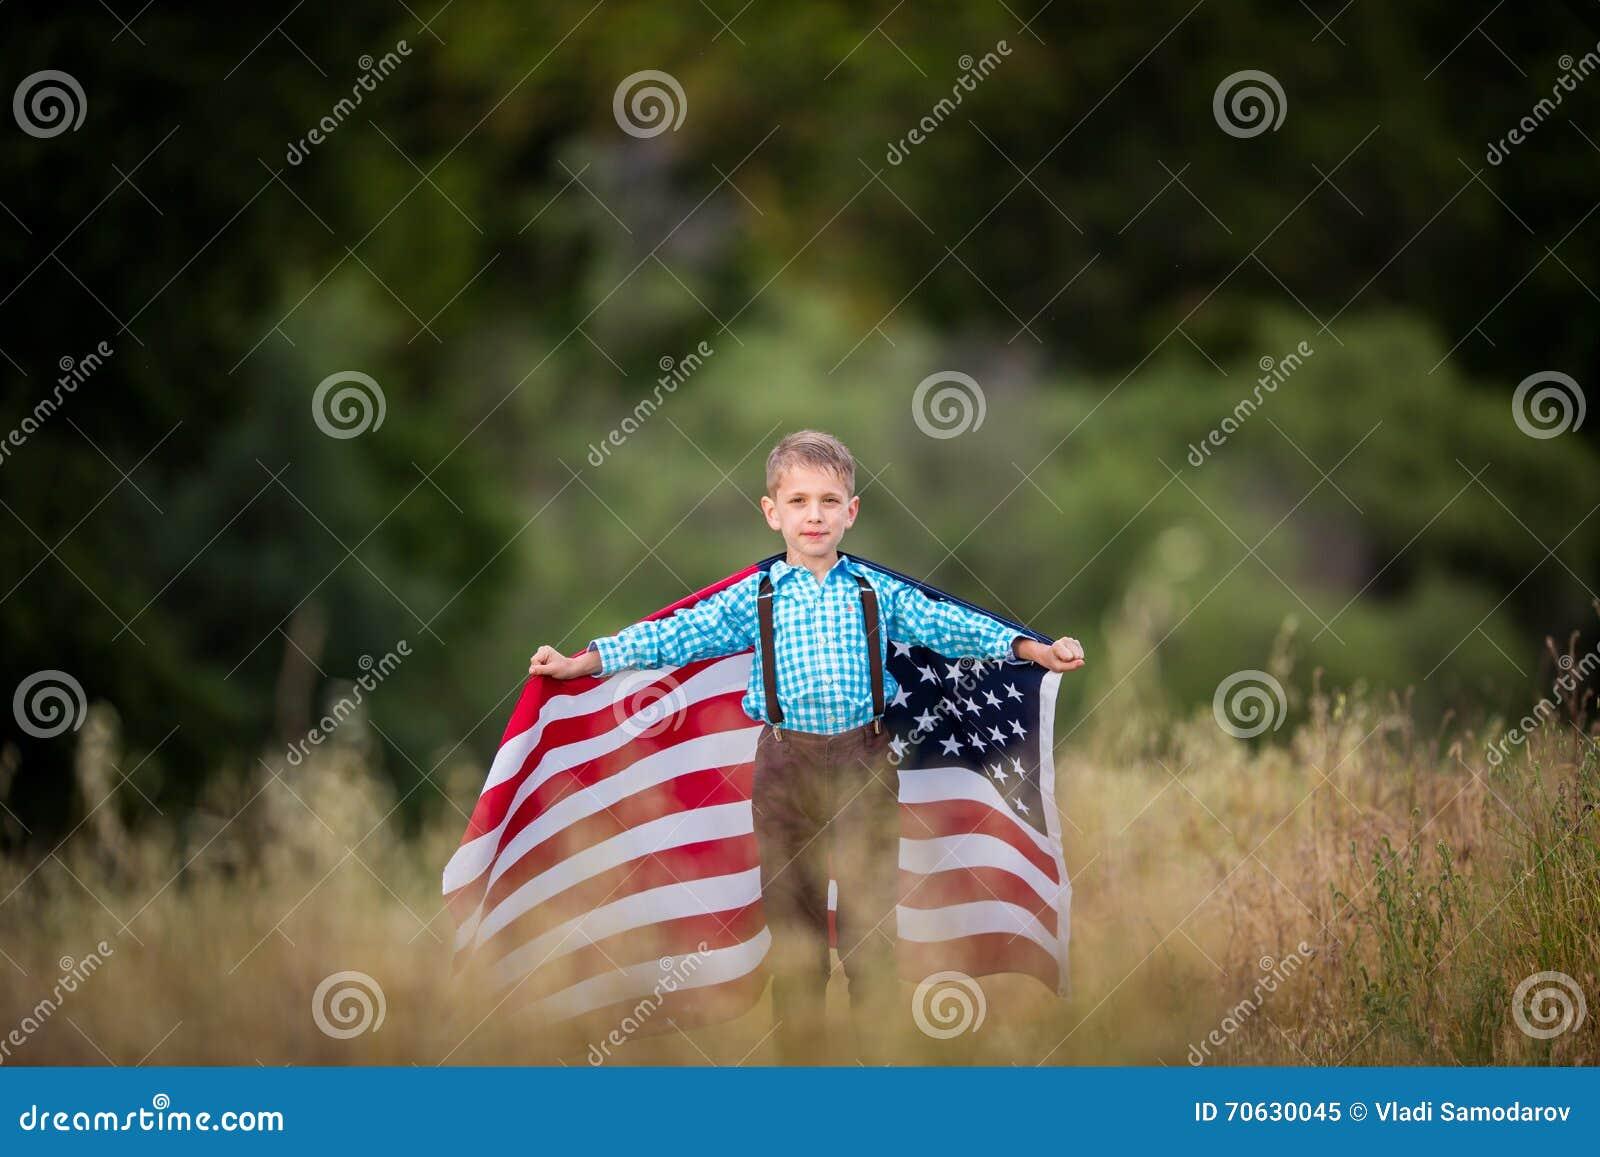 Młoda chłopiec z wielką flaga amerykańską pokazuje patriotyzm dla jego swój kraju, Jednoczy stany